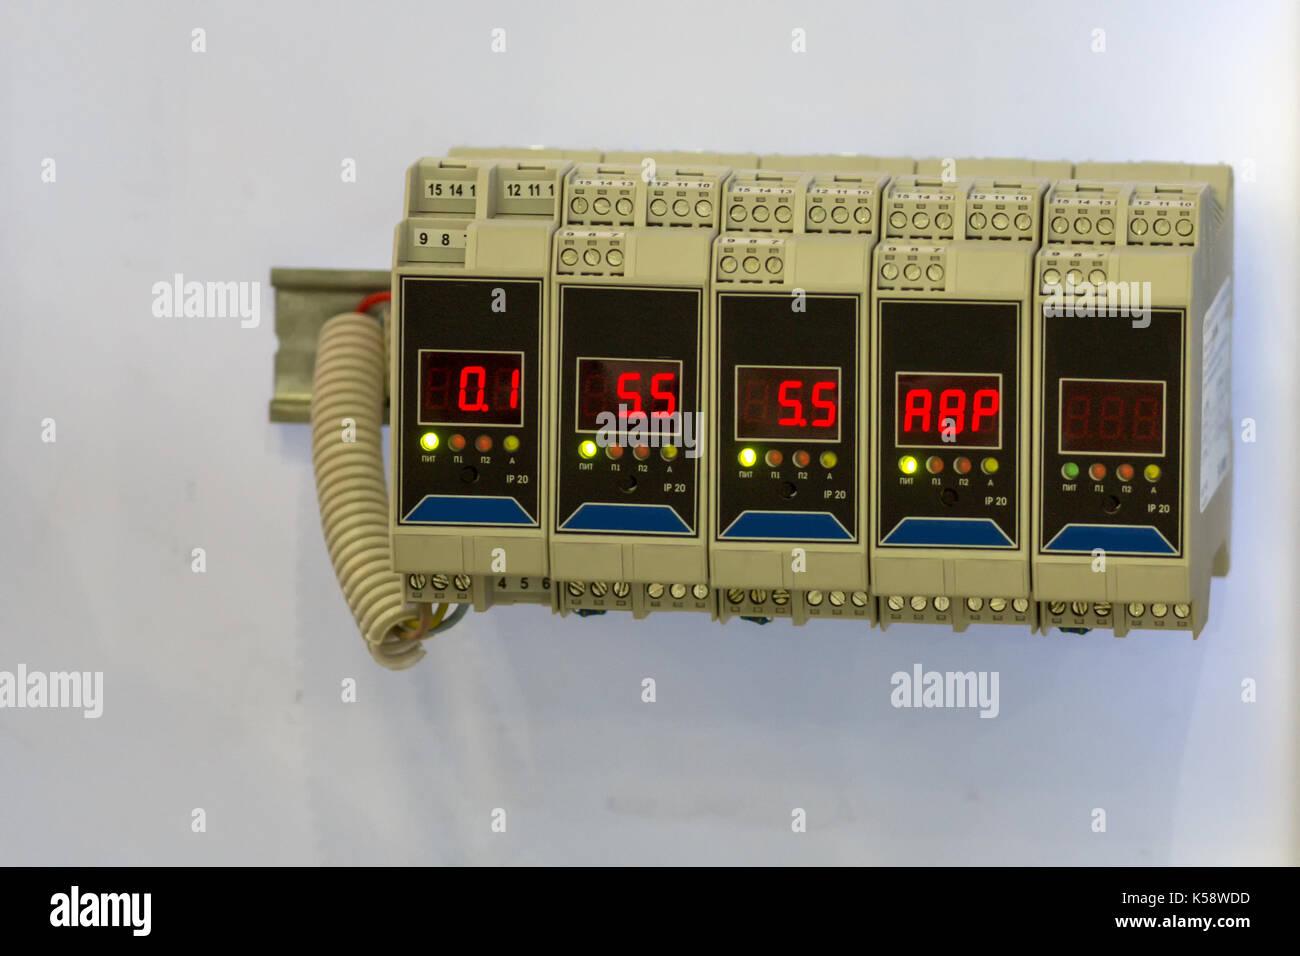 Elektrische Bildstabilisator - Transistoren oder Widerstände - Sicherheit elektronischer Geräte Stockbild